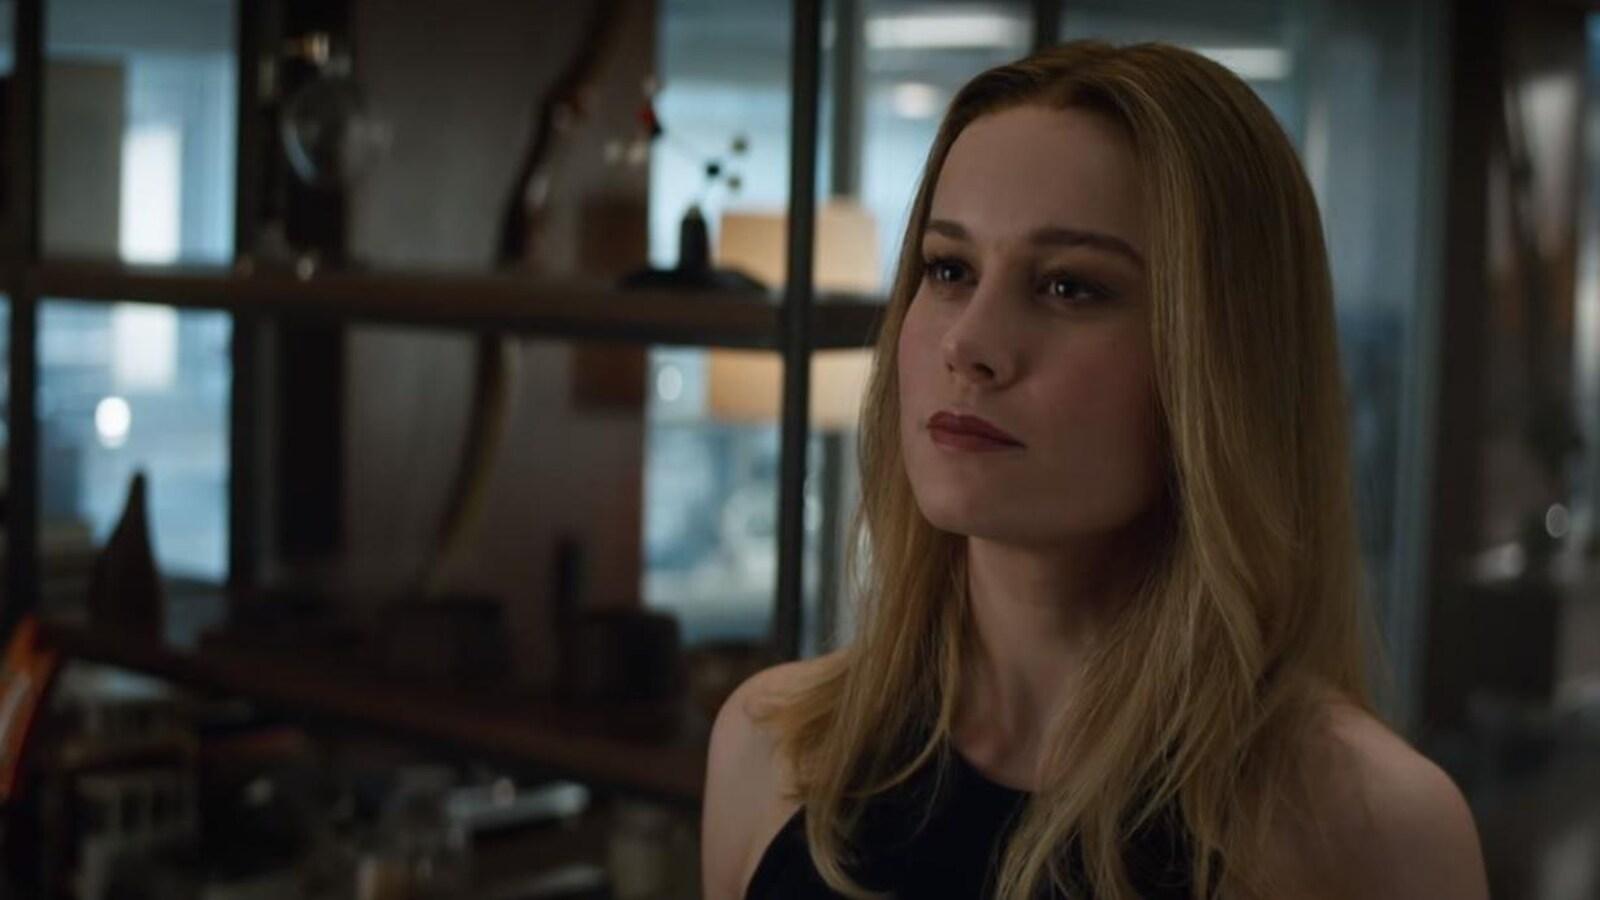 Carol Danvers, alias Capitaine Marvel (incarnée par l'actrice Brie Larson), dans une image tirée de la bande-annonce